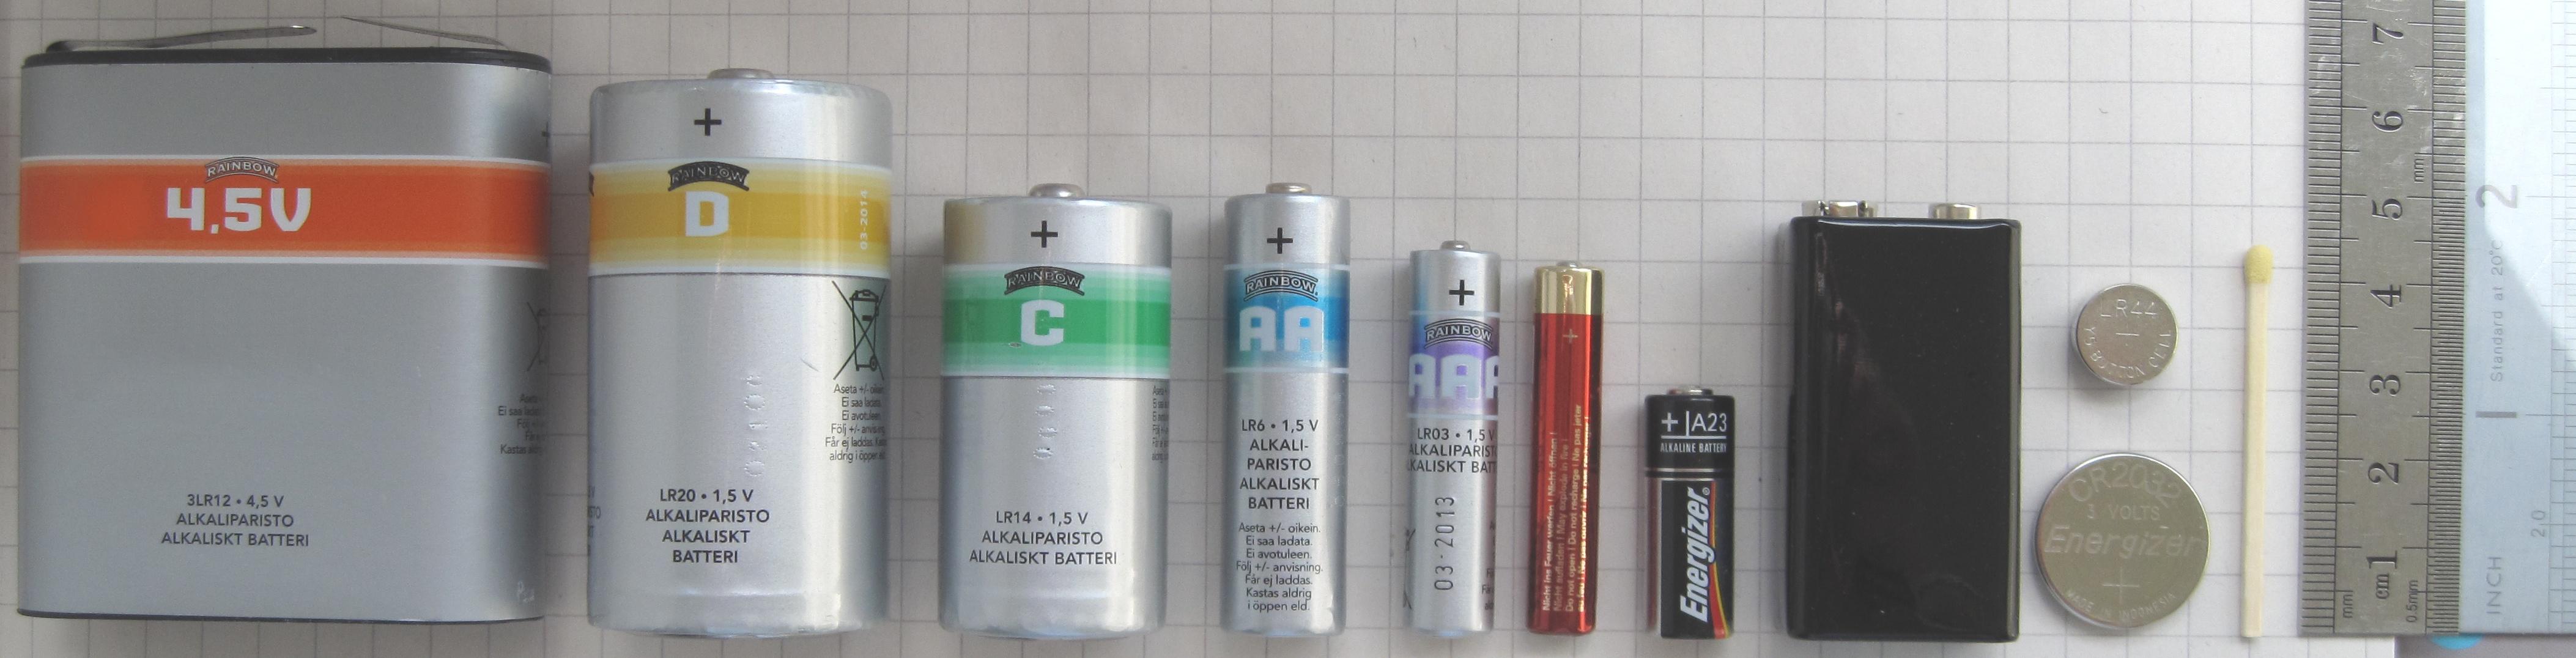 file batteries comparison 4